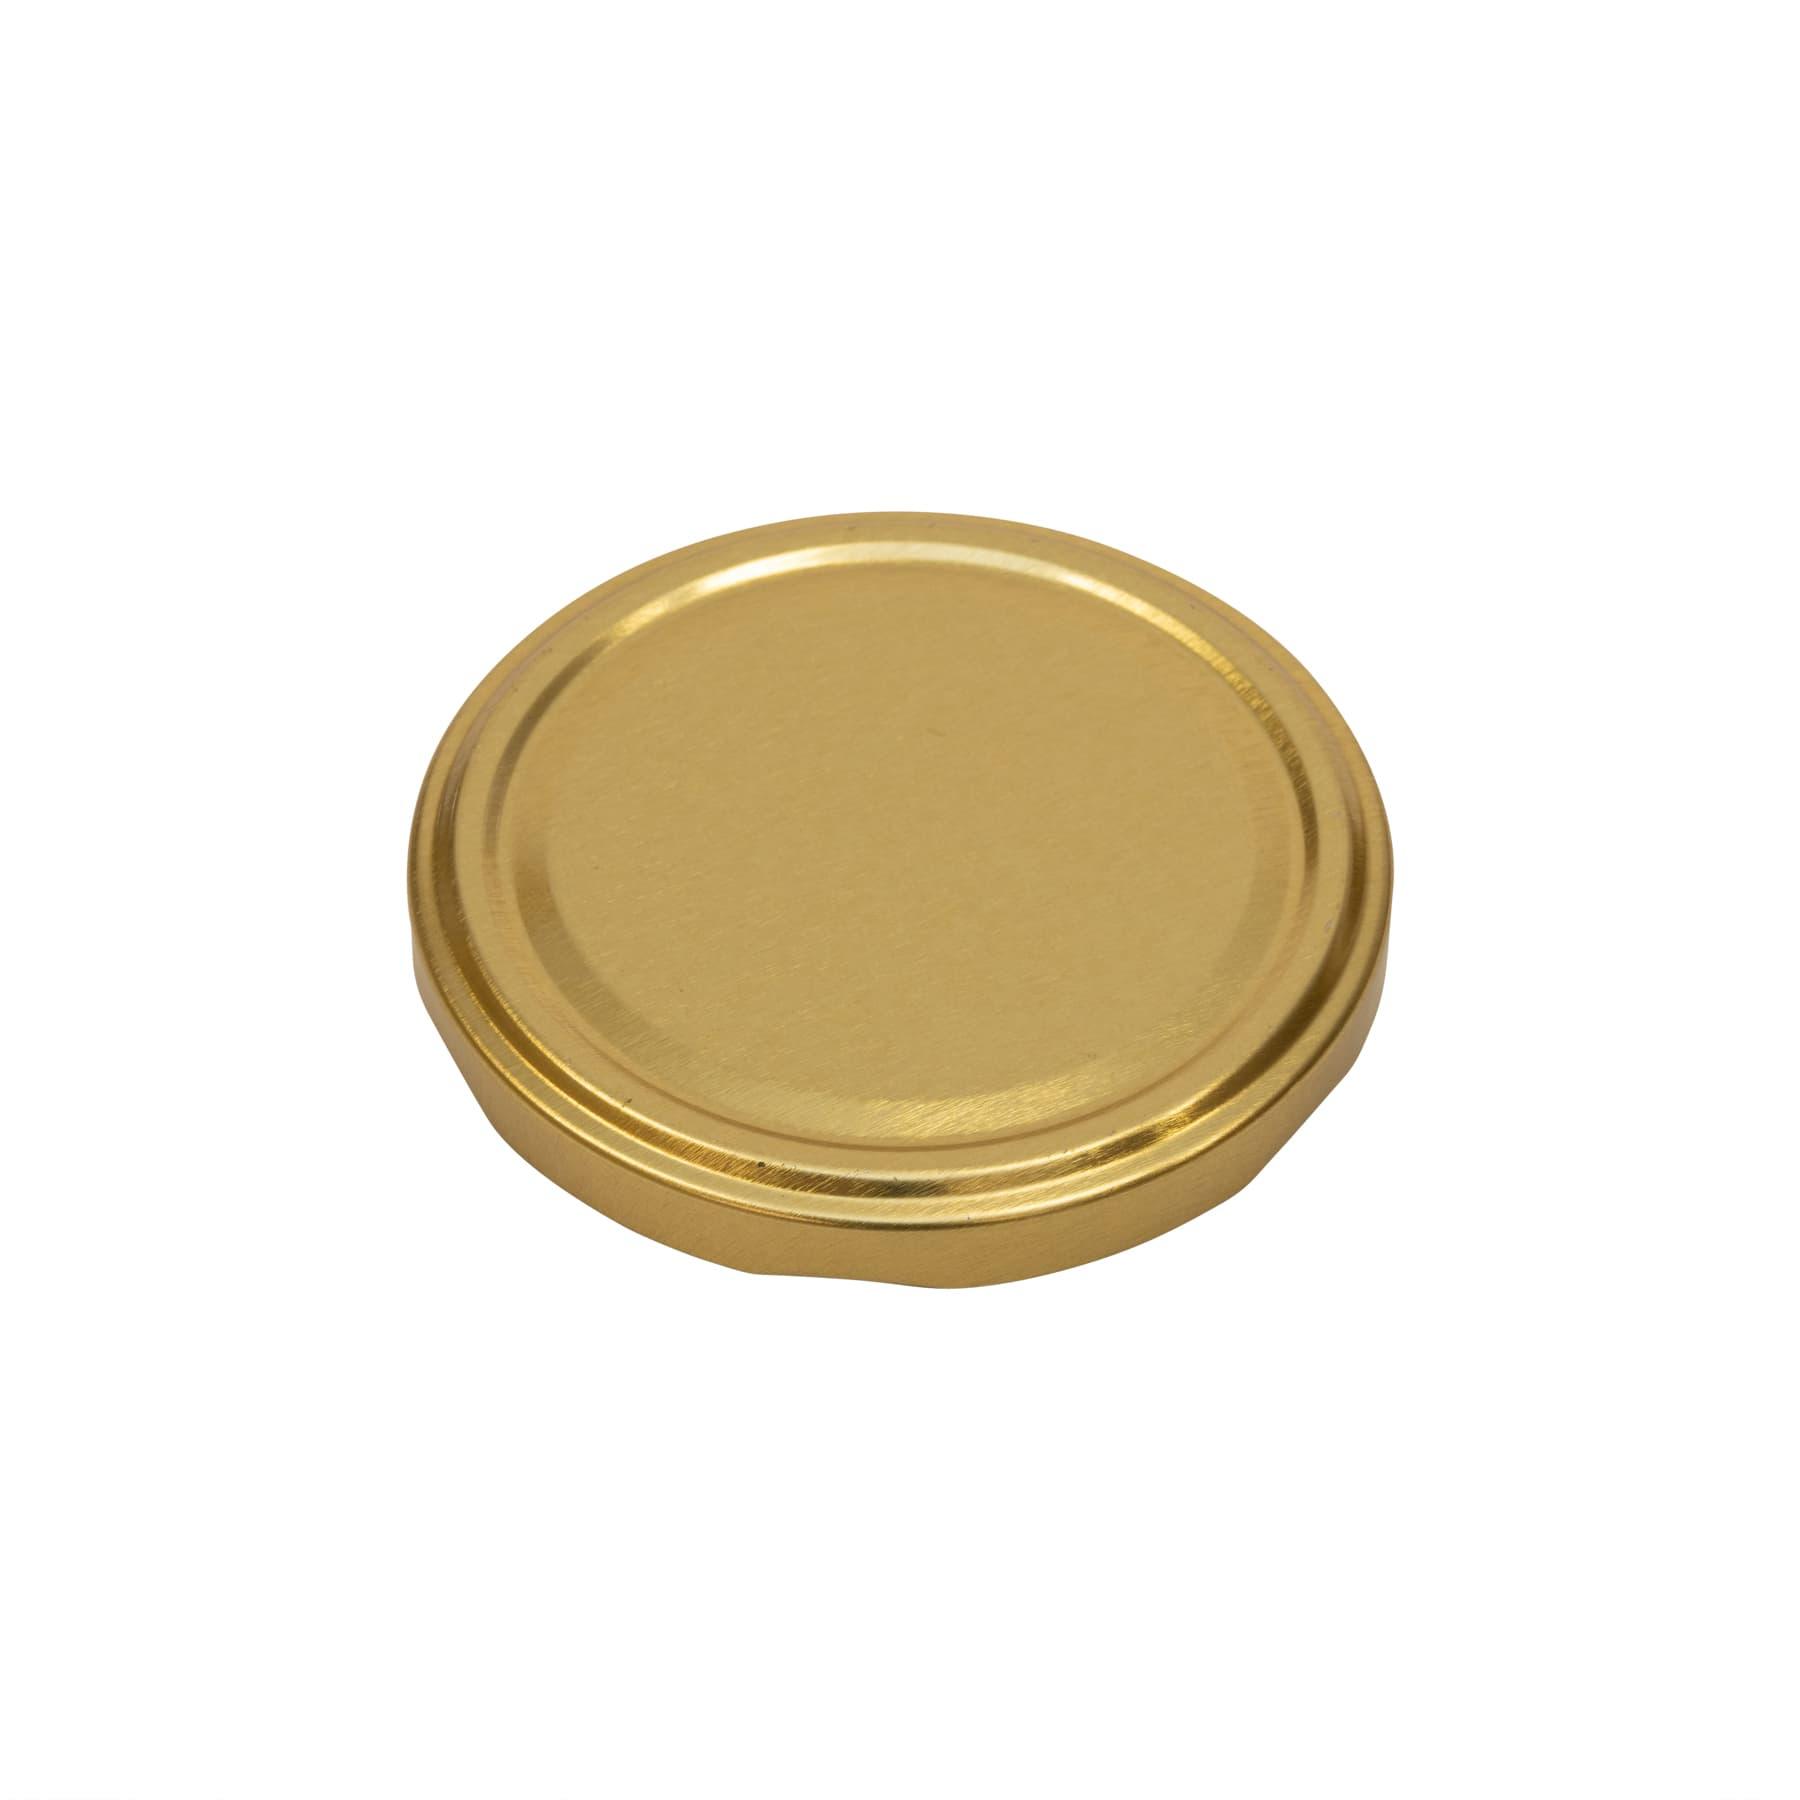 Twist off Deckel gold 82 mm